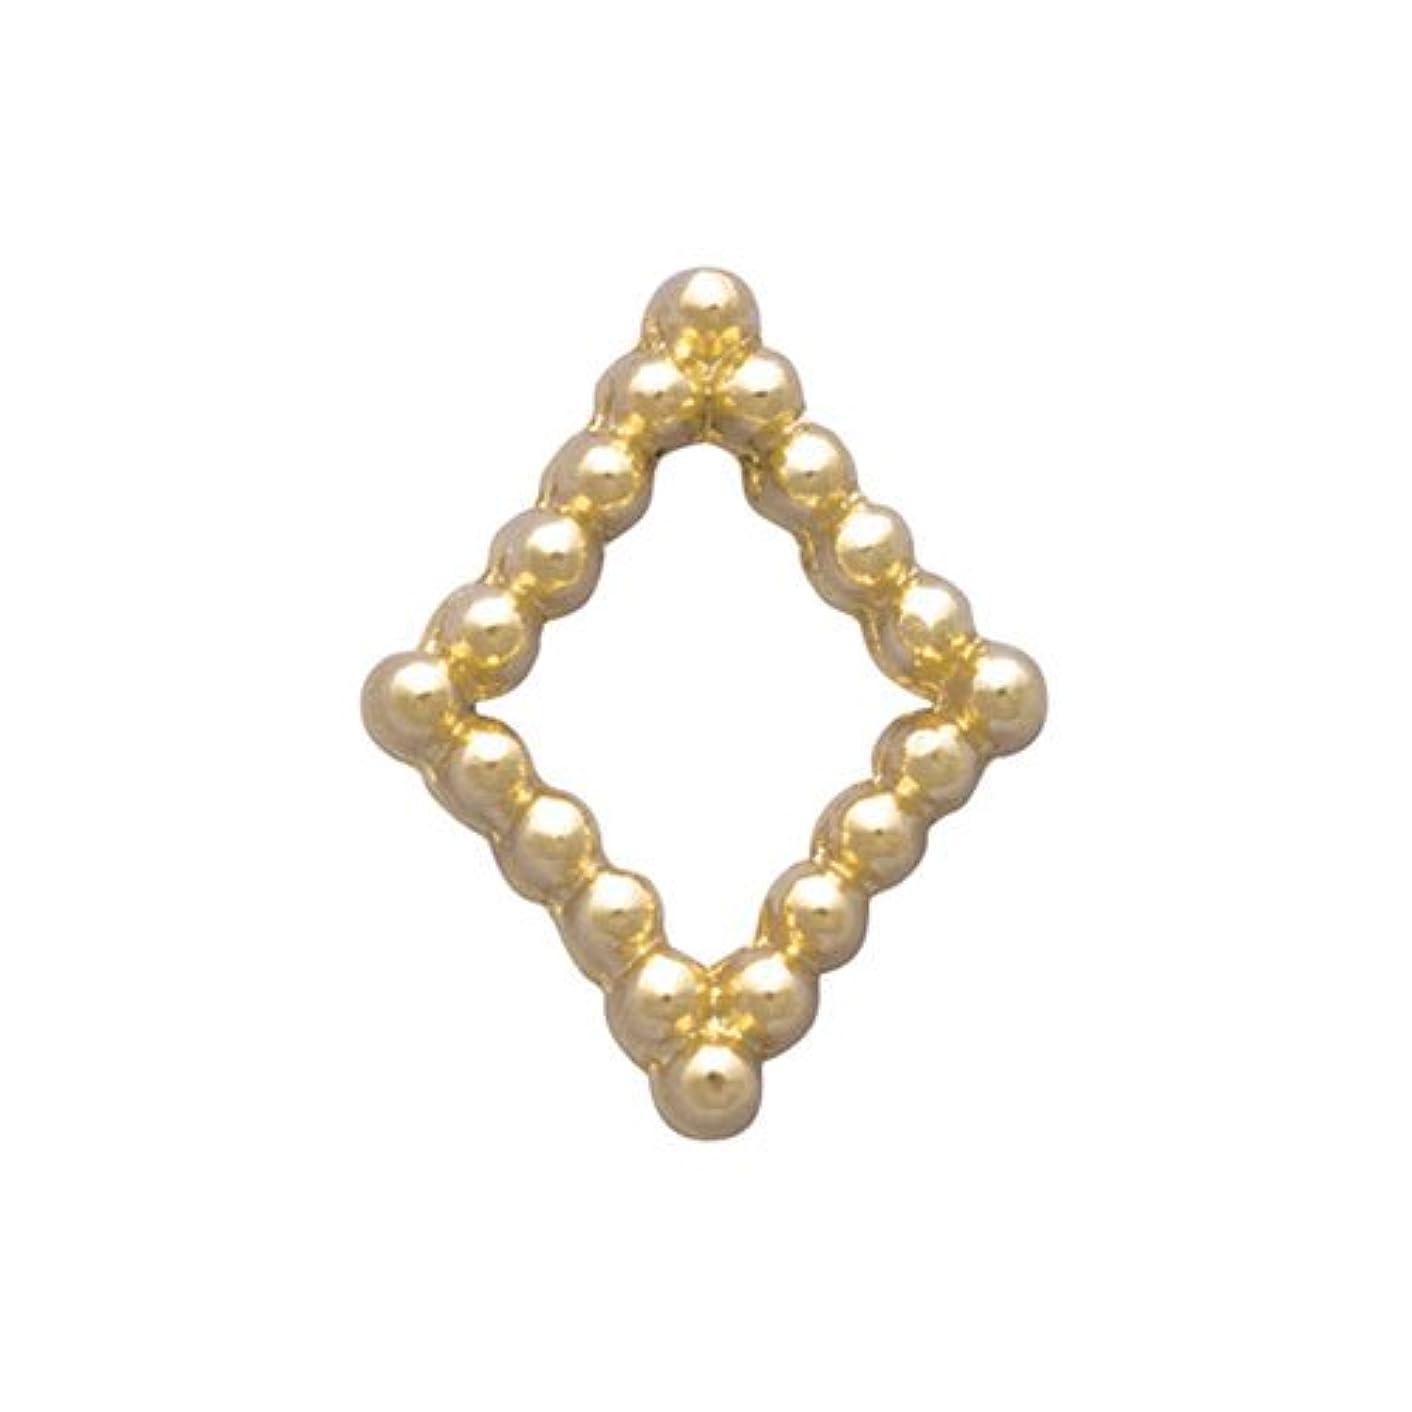 線形安価な要件プリティーネイル ネイルアートパーツ ブリオンキラキラS ゴールド PN-733G 15個